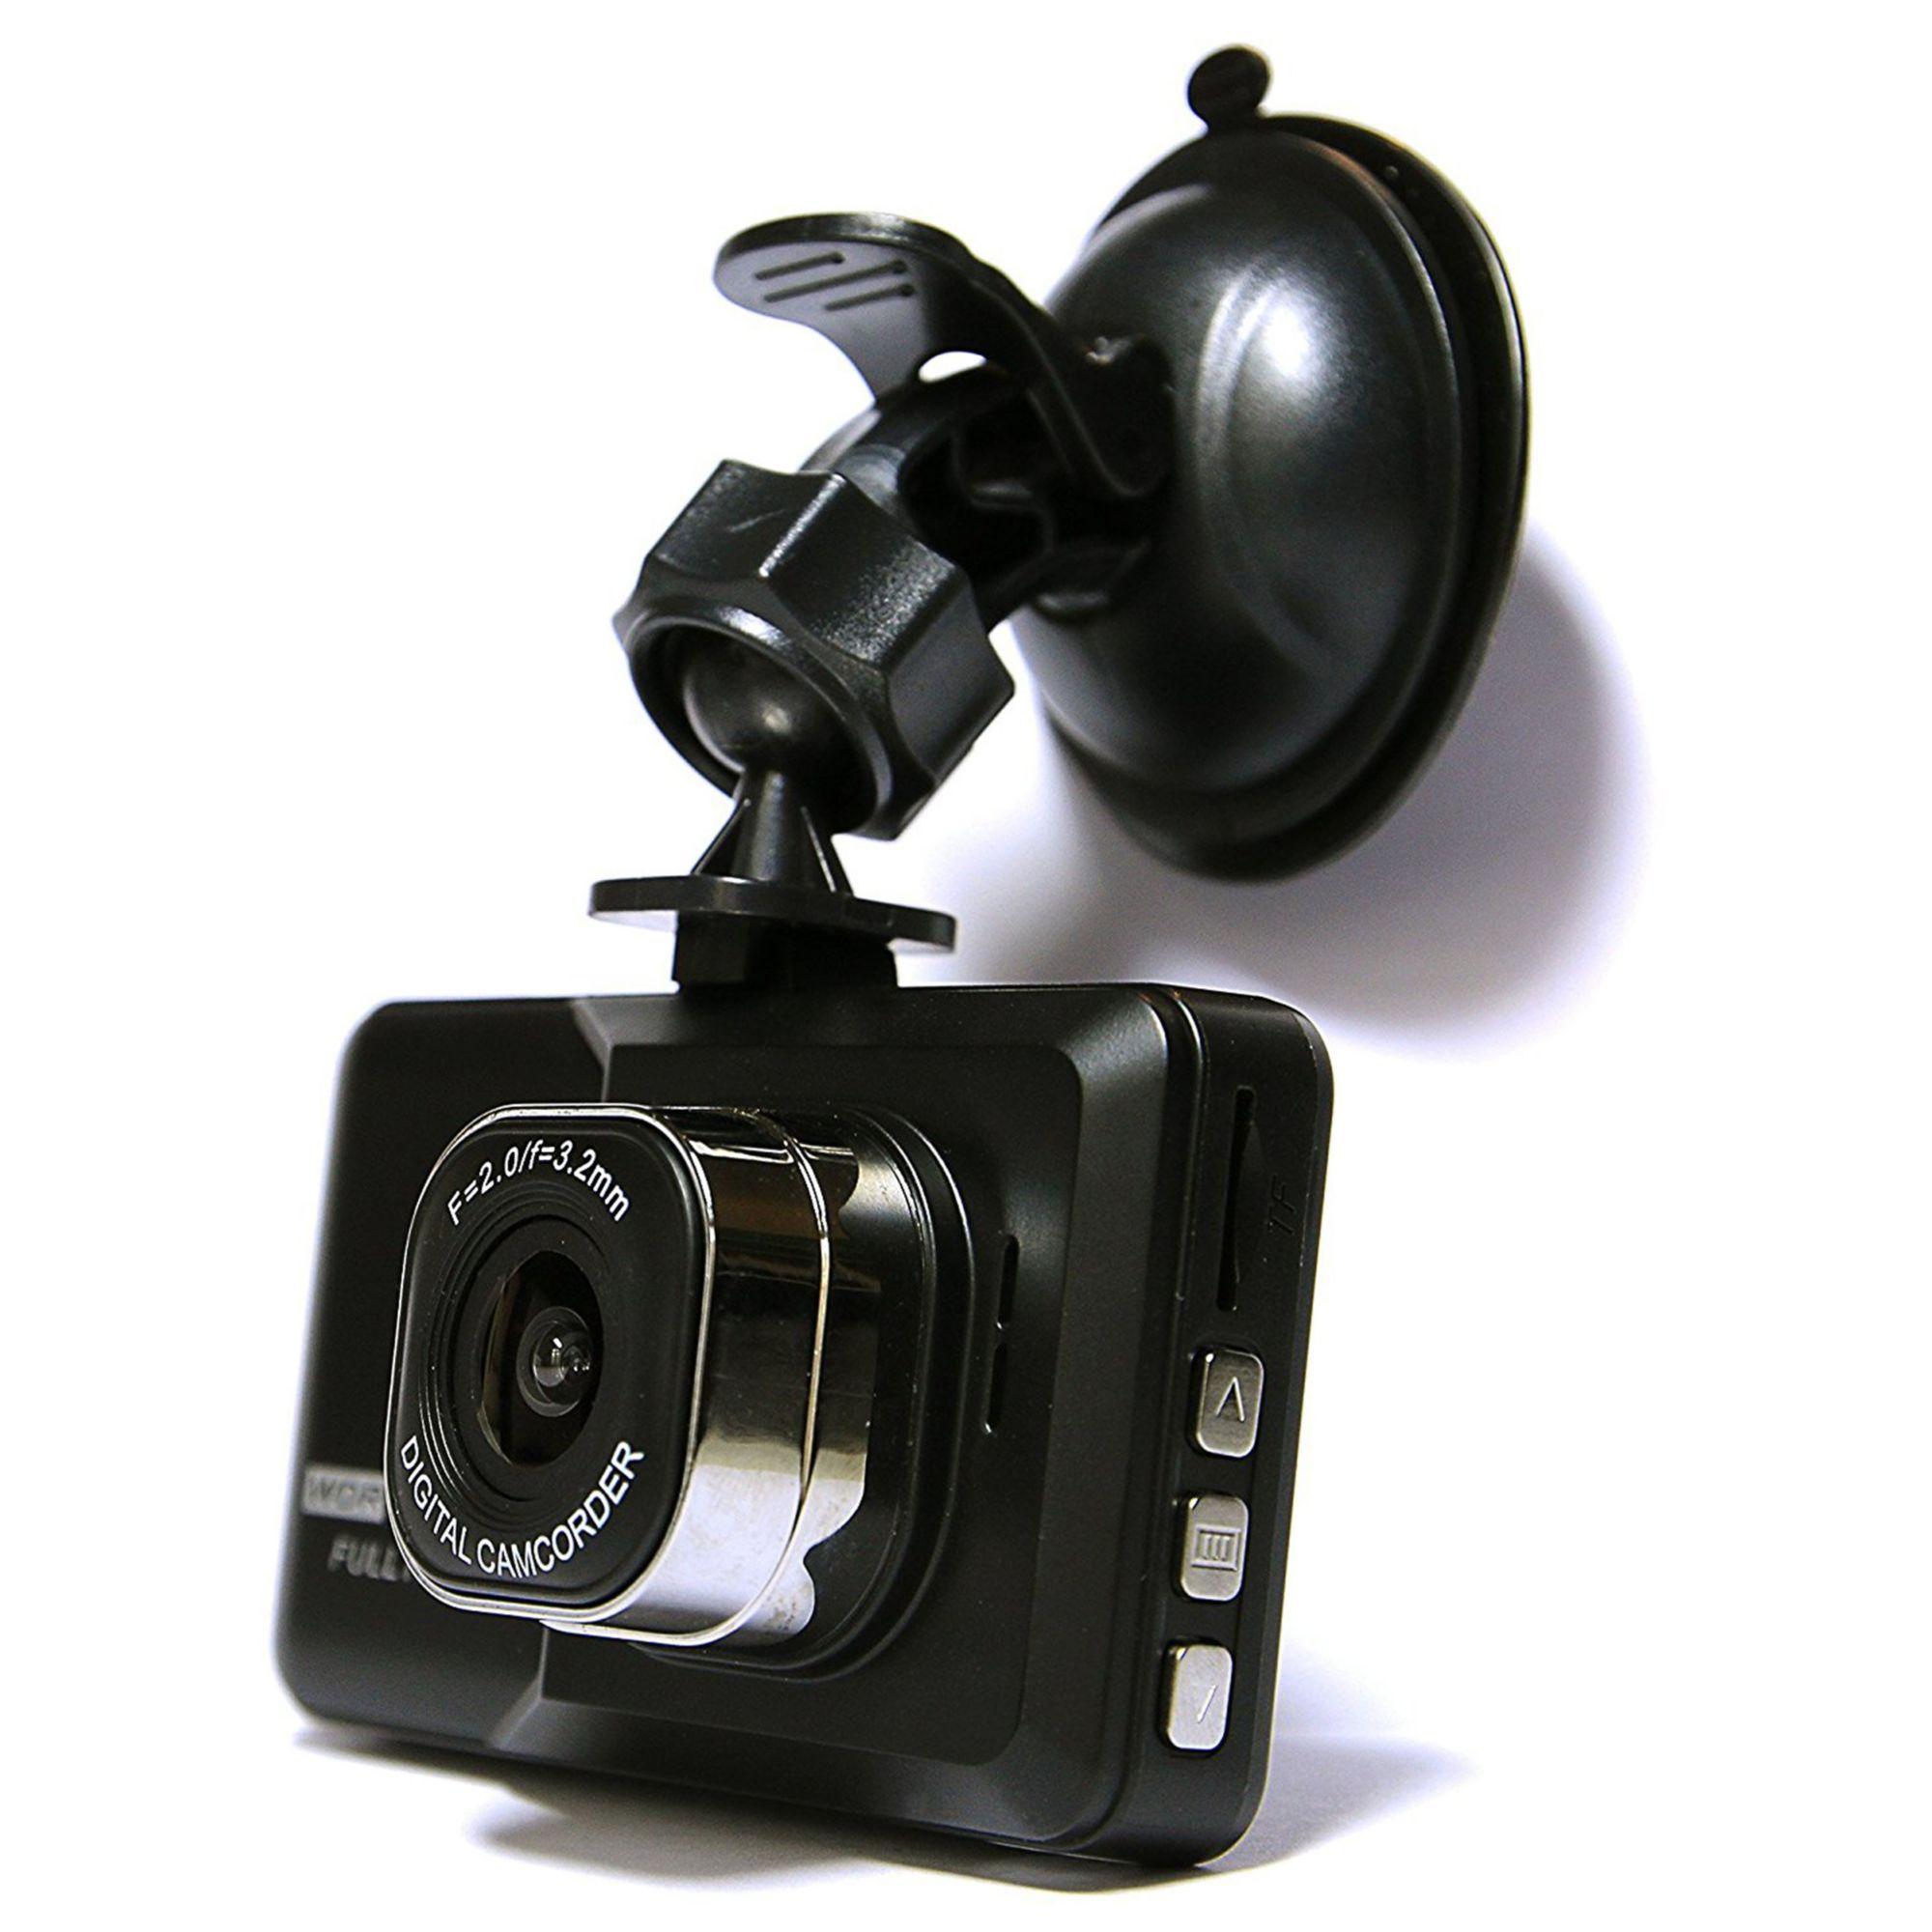 CREATONE Creatone Autokamera / DashCam mit Full HD 1080p »DVR2000FHD«